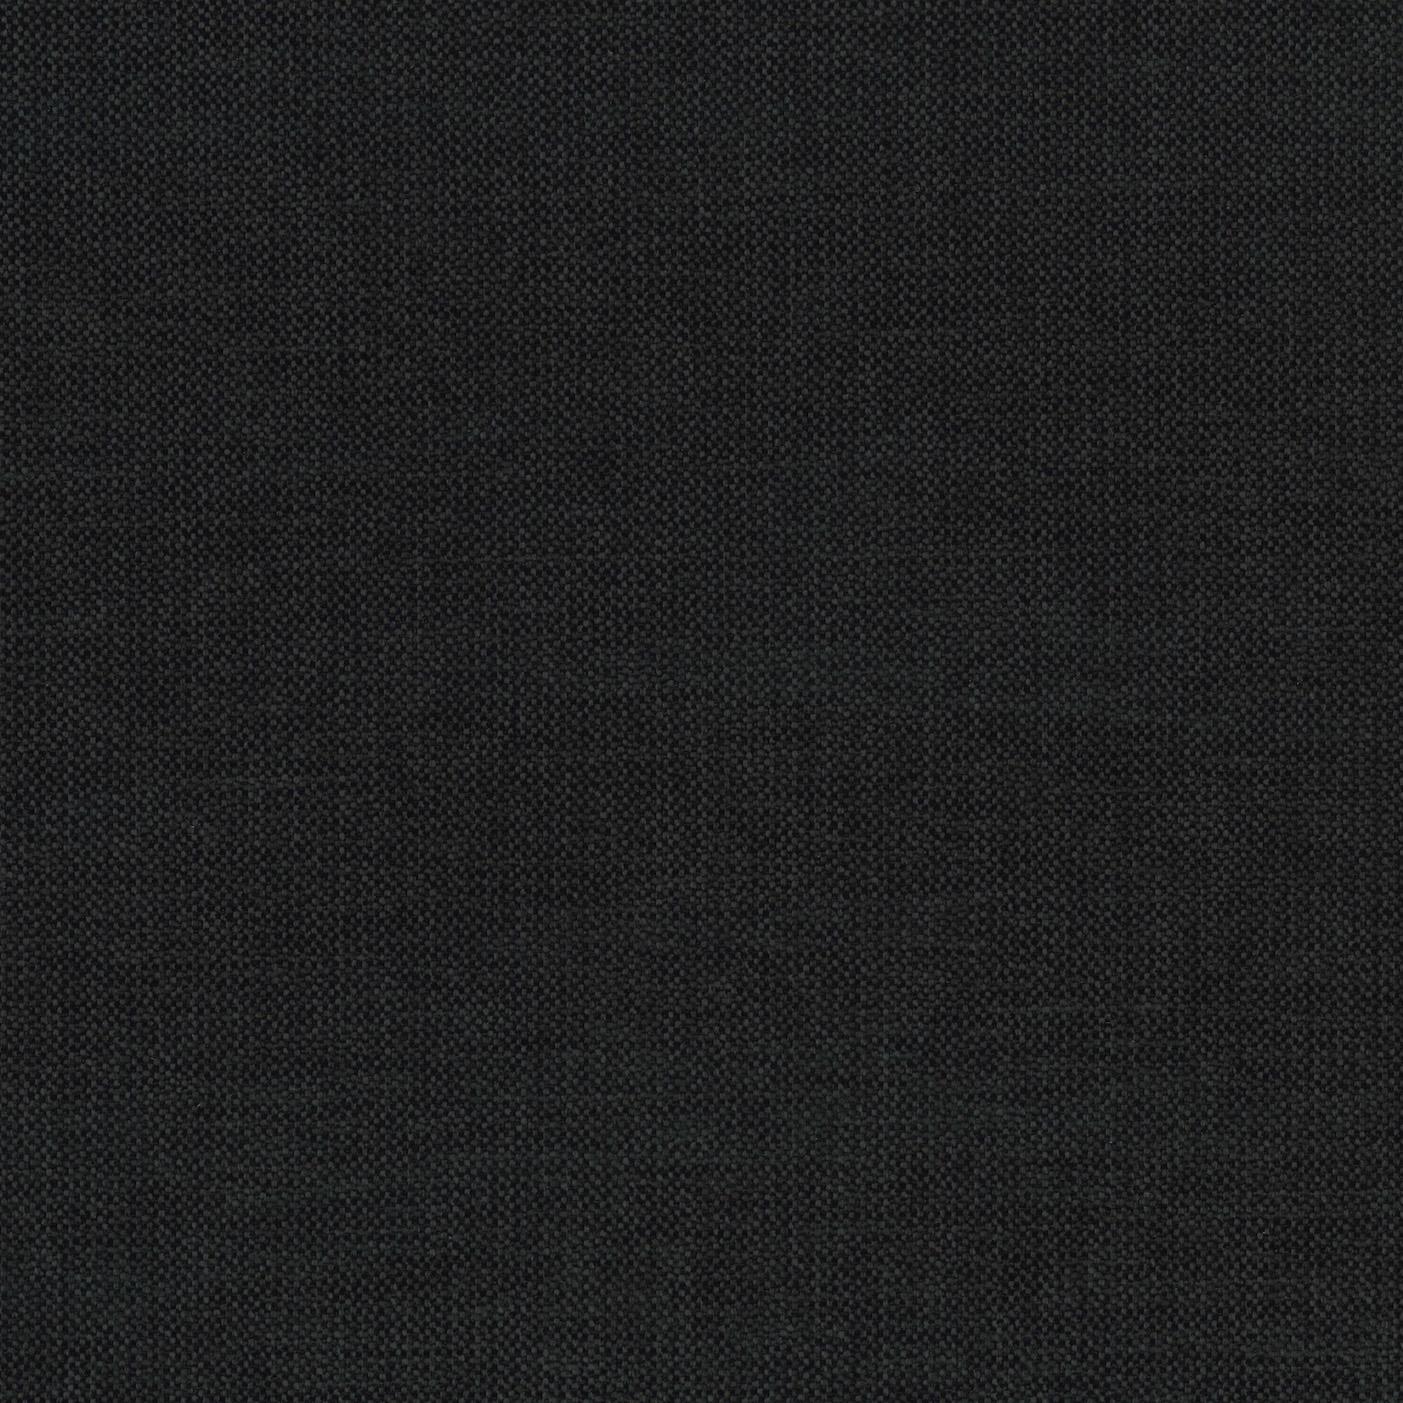 3 Divine black